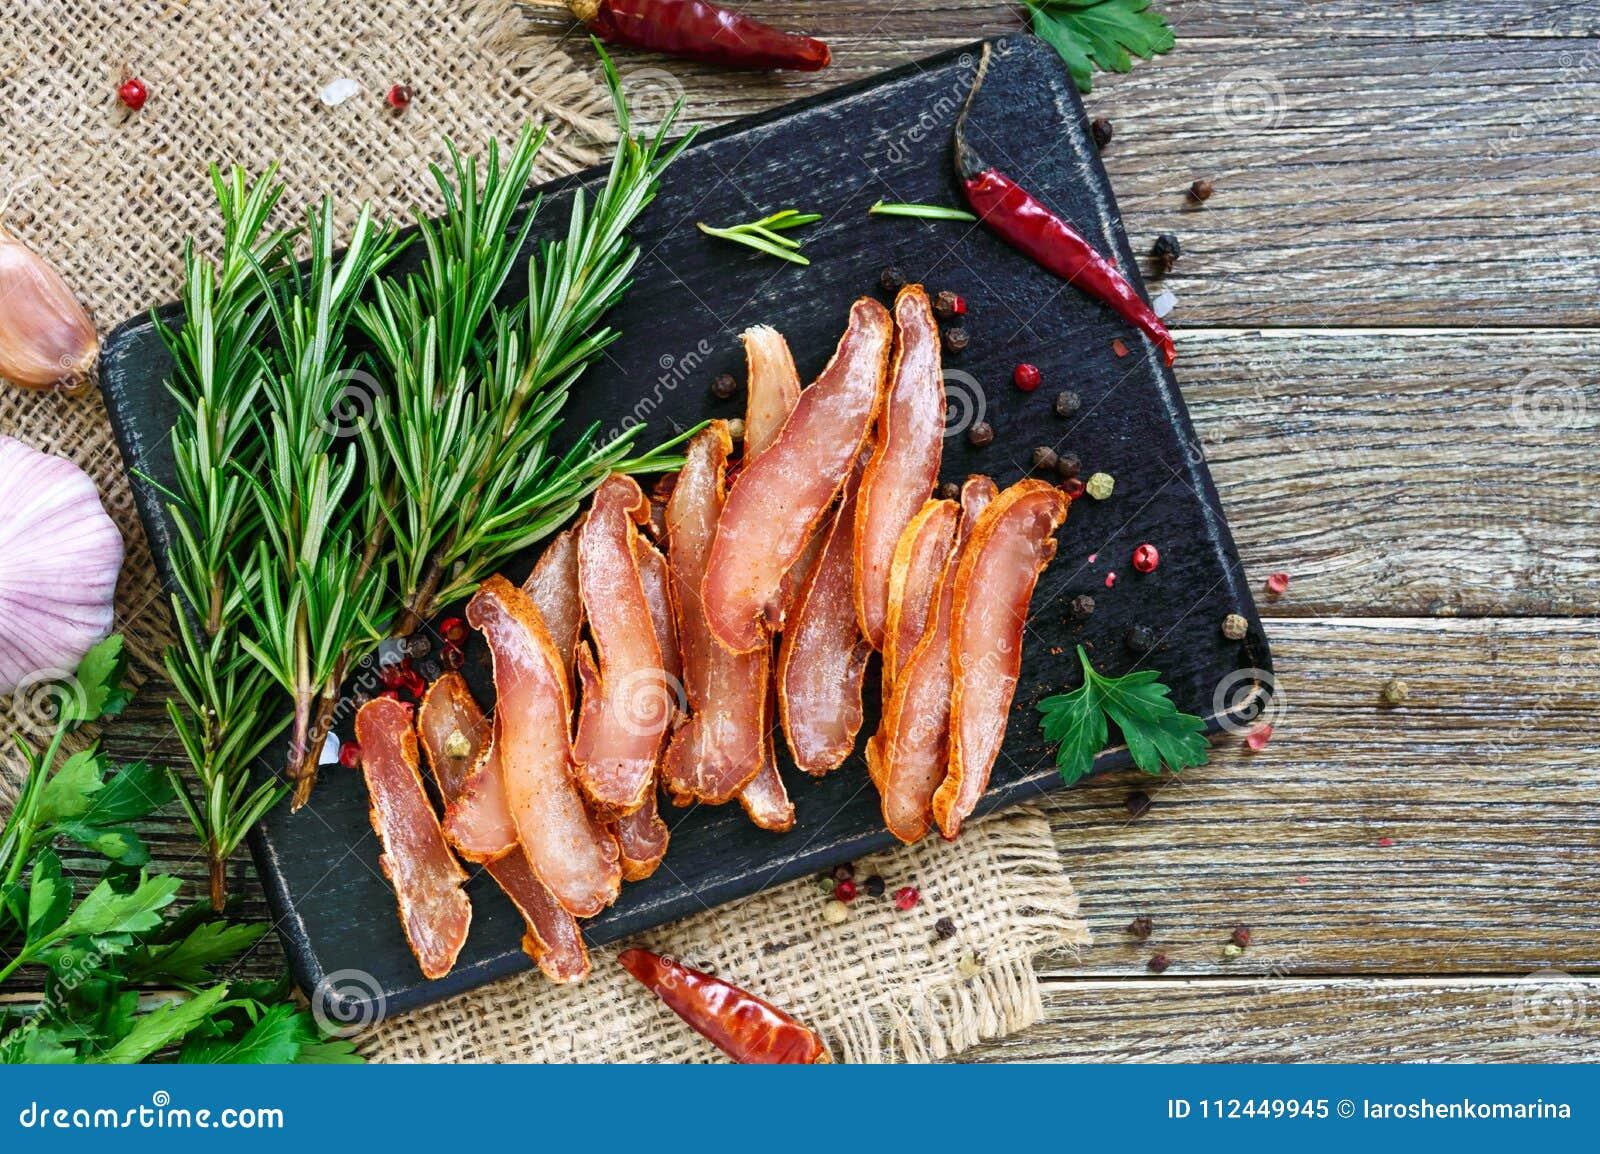 Basturma espasmódico Partes de carne com pimenta vermelha Aperitivo asiático tradicional da carne